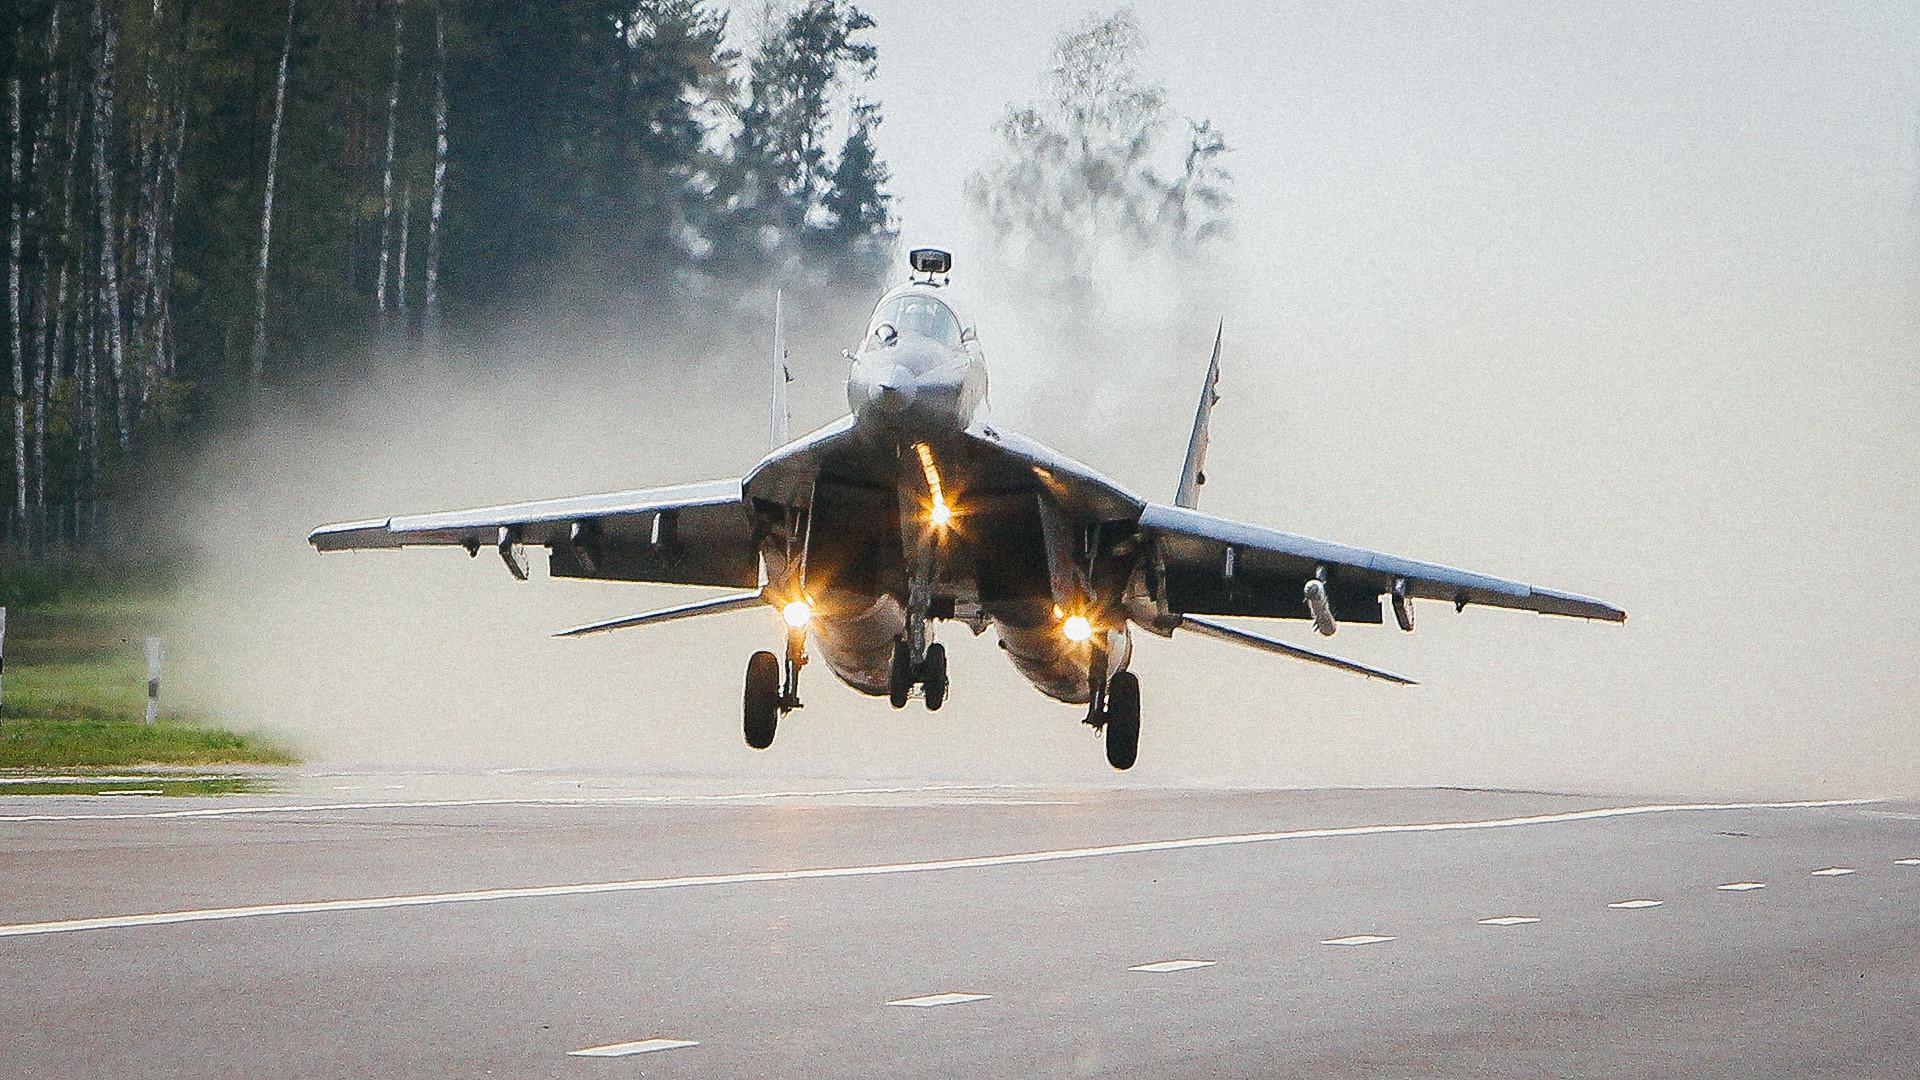 MiG-29 memiliki karakteristik unik yang membuatnya mampu melakukan manuver aerobatik yang sebelumnya tak terbayangkan.